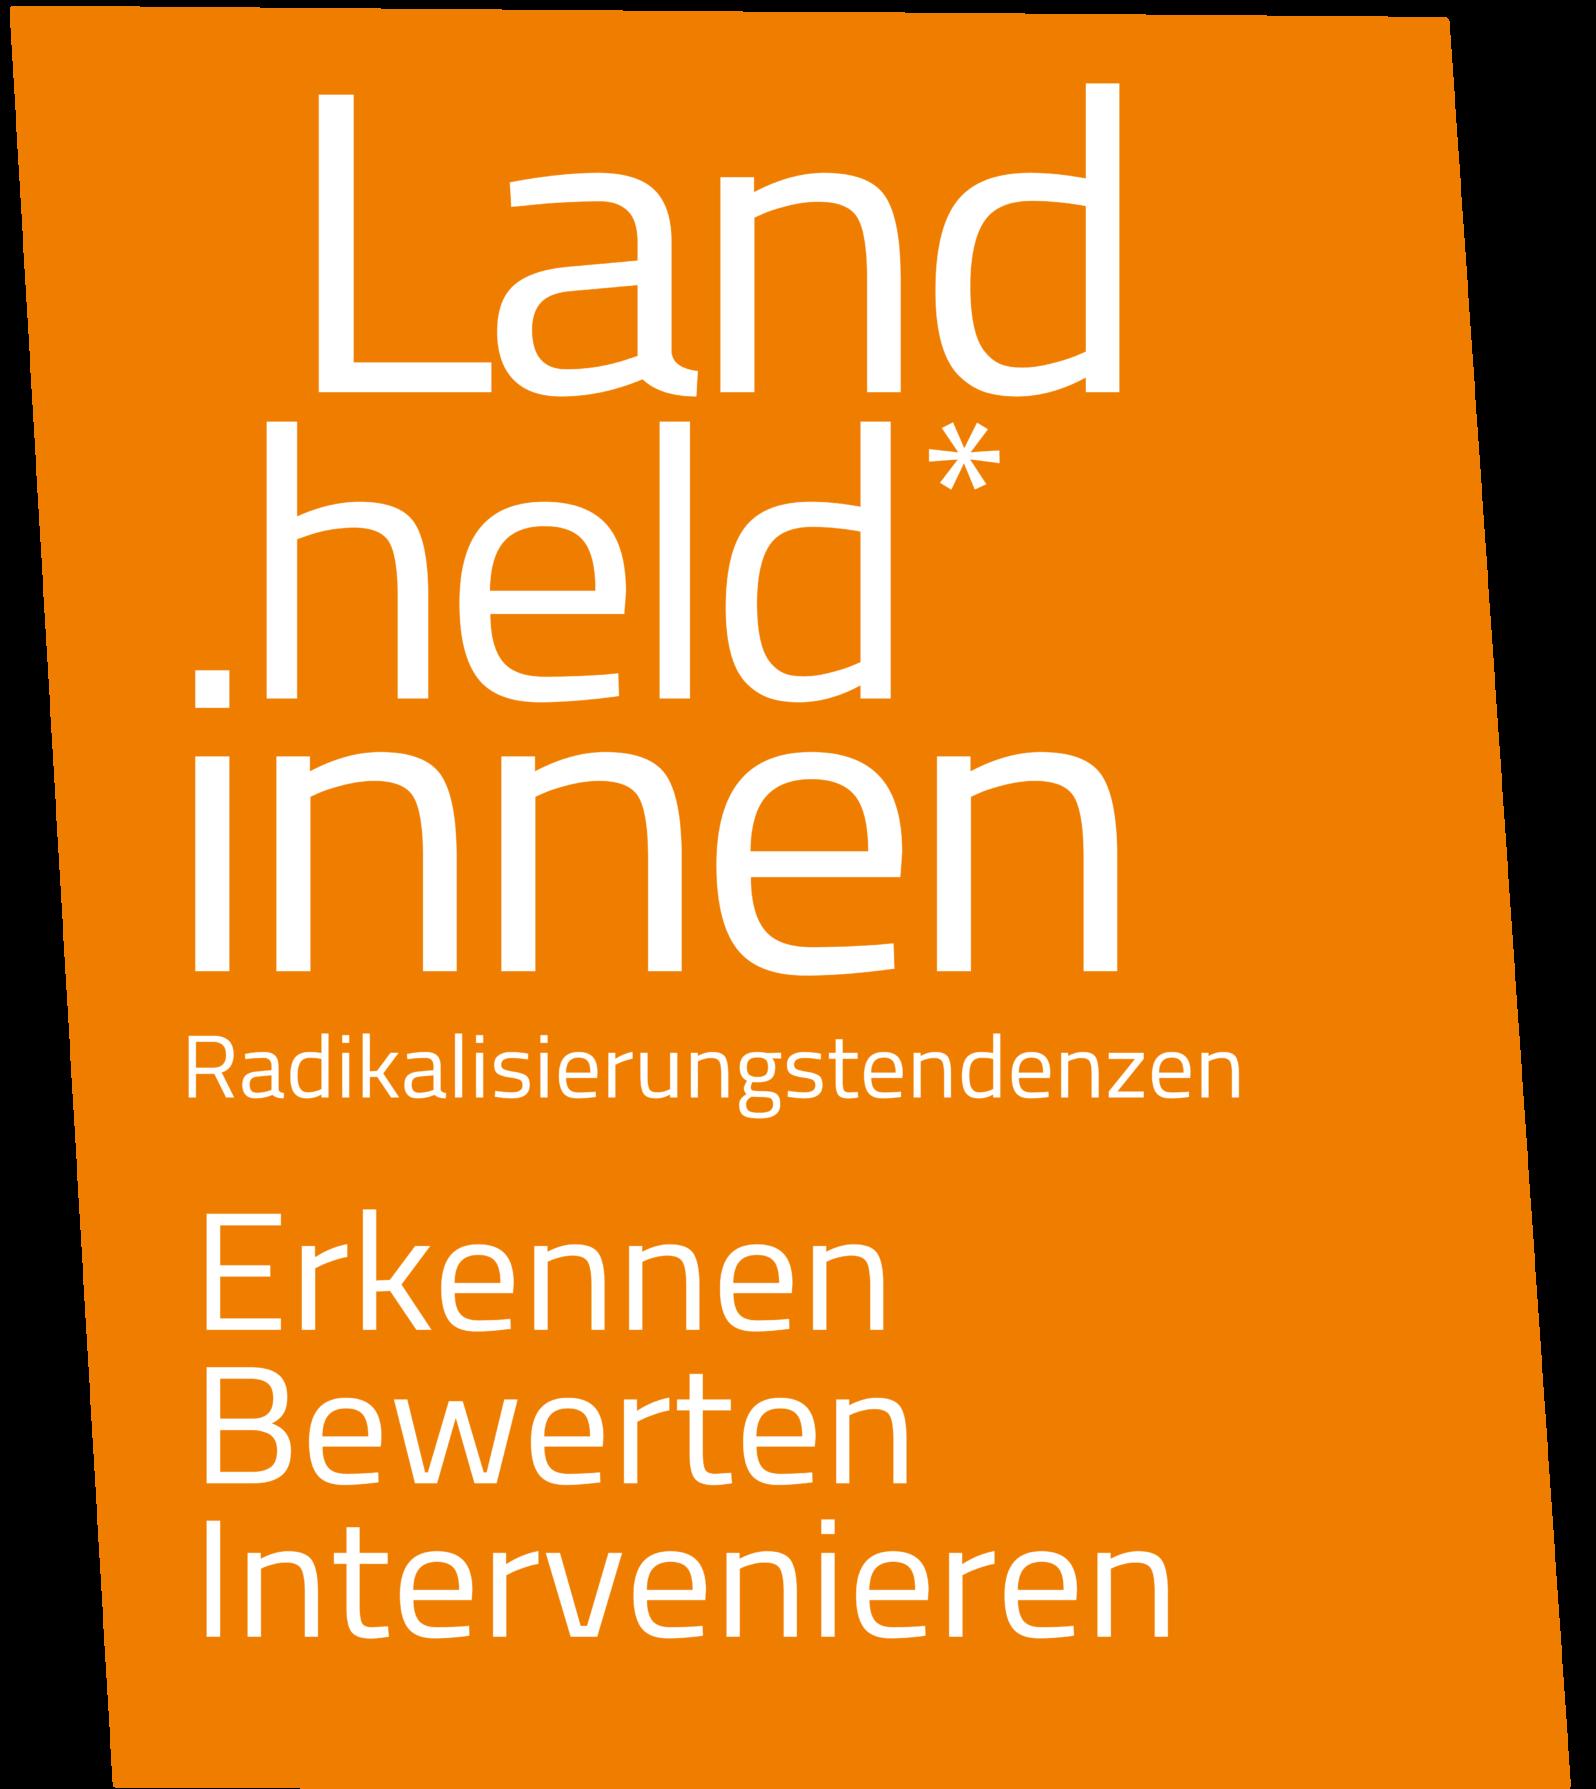 Land-held-innen_weiss_auf_orange_ohne_Hintergrund_RGB-e1607683047336